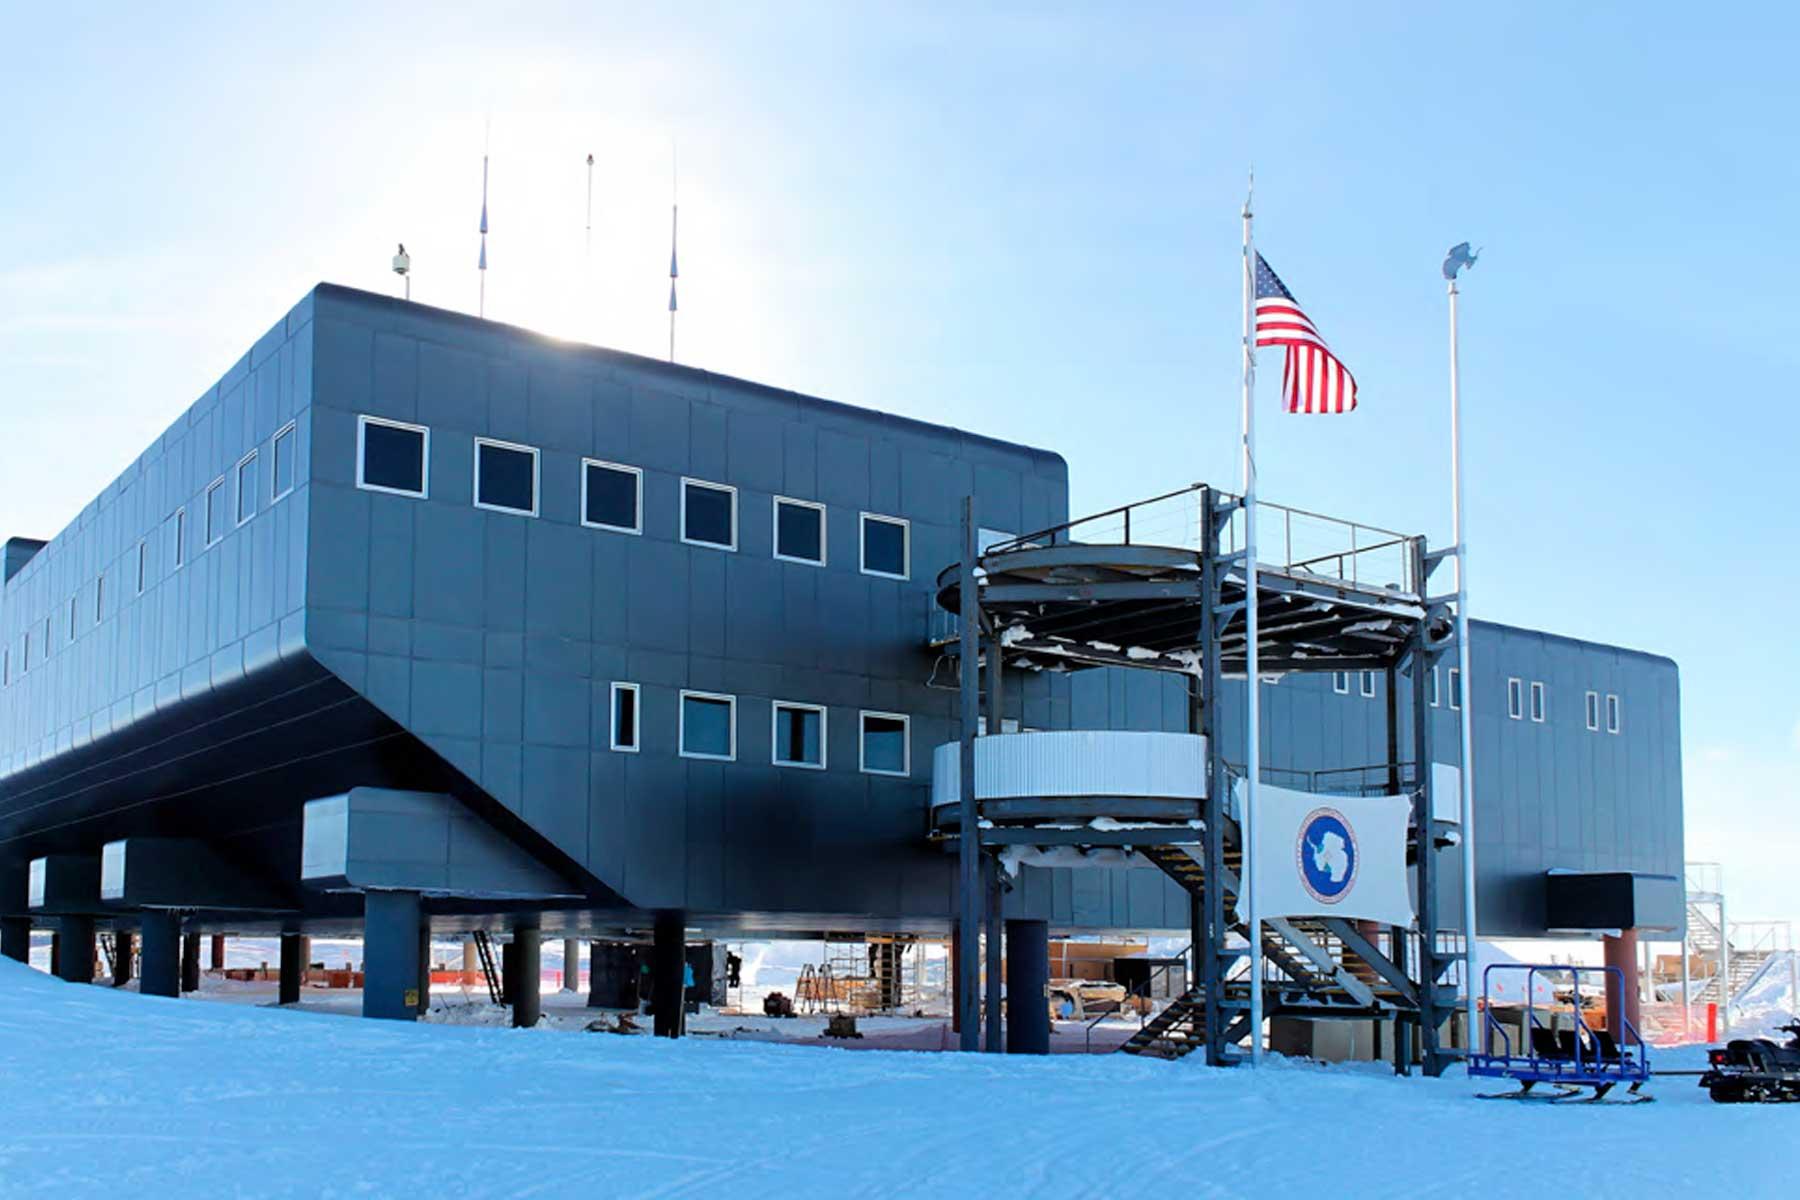 阿蒙森斯科特南极站